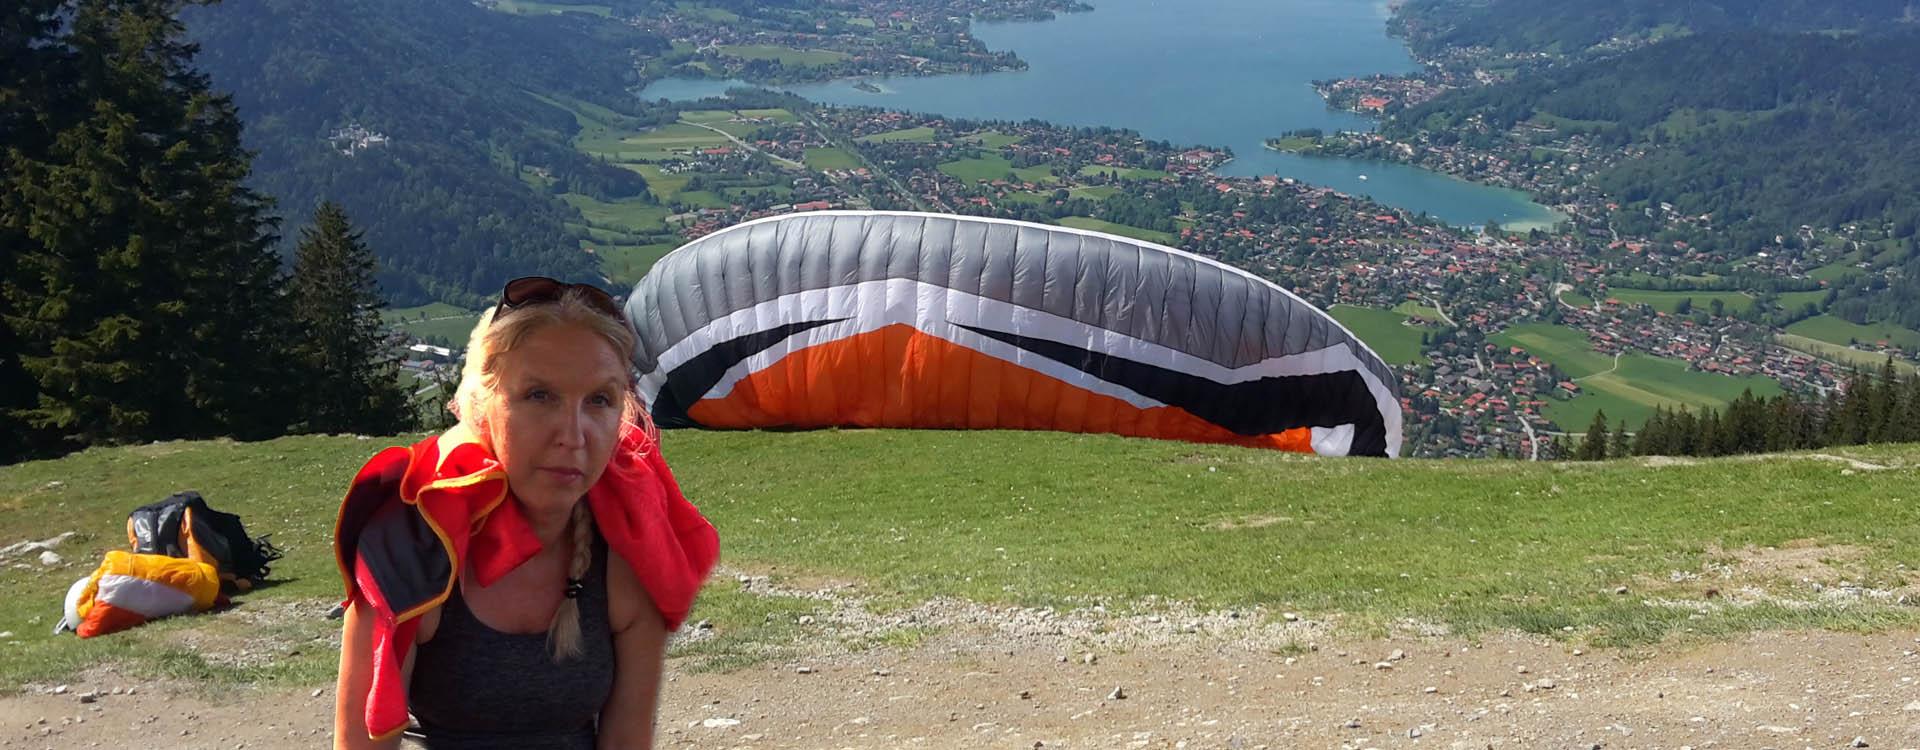 Paragliding Gleitschirmfliegen Tegernsee